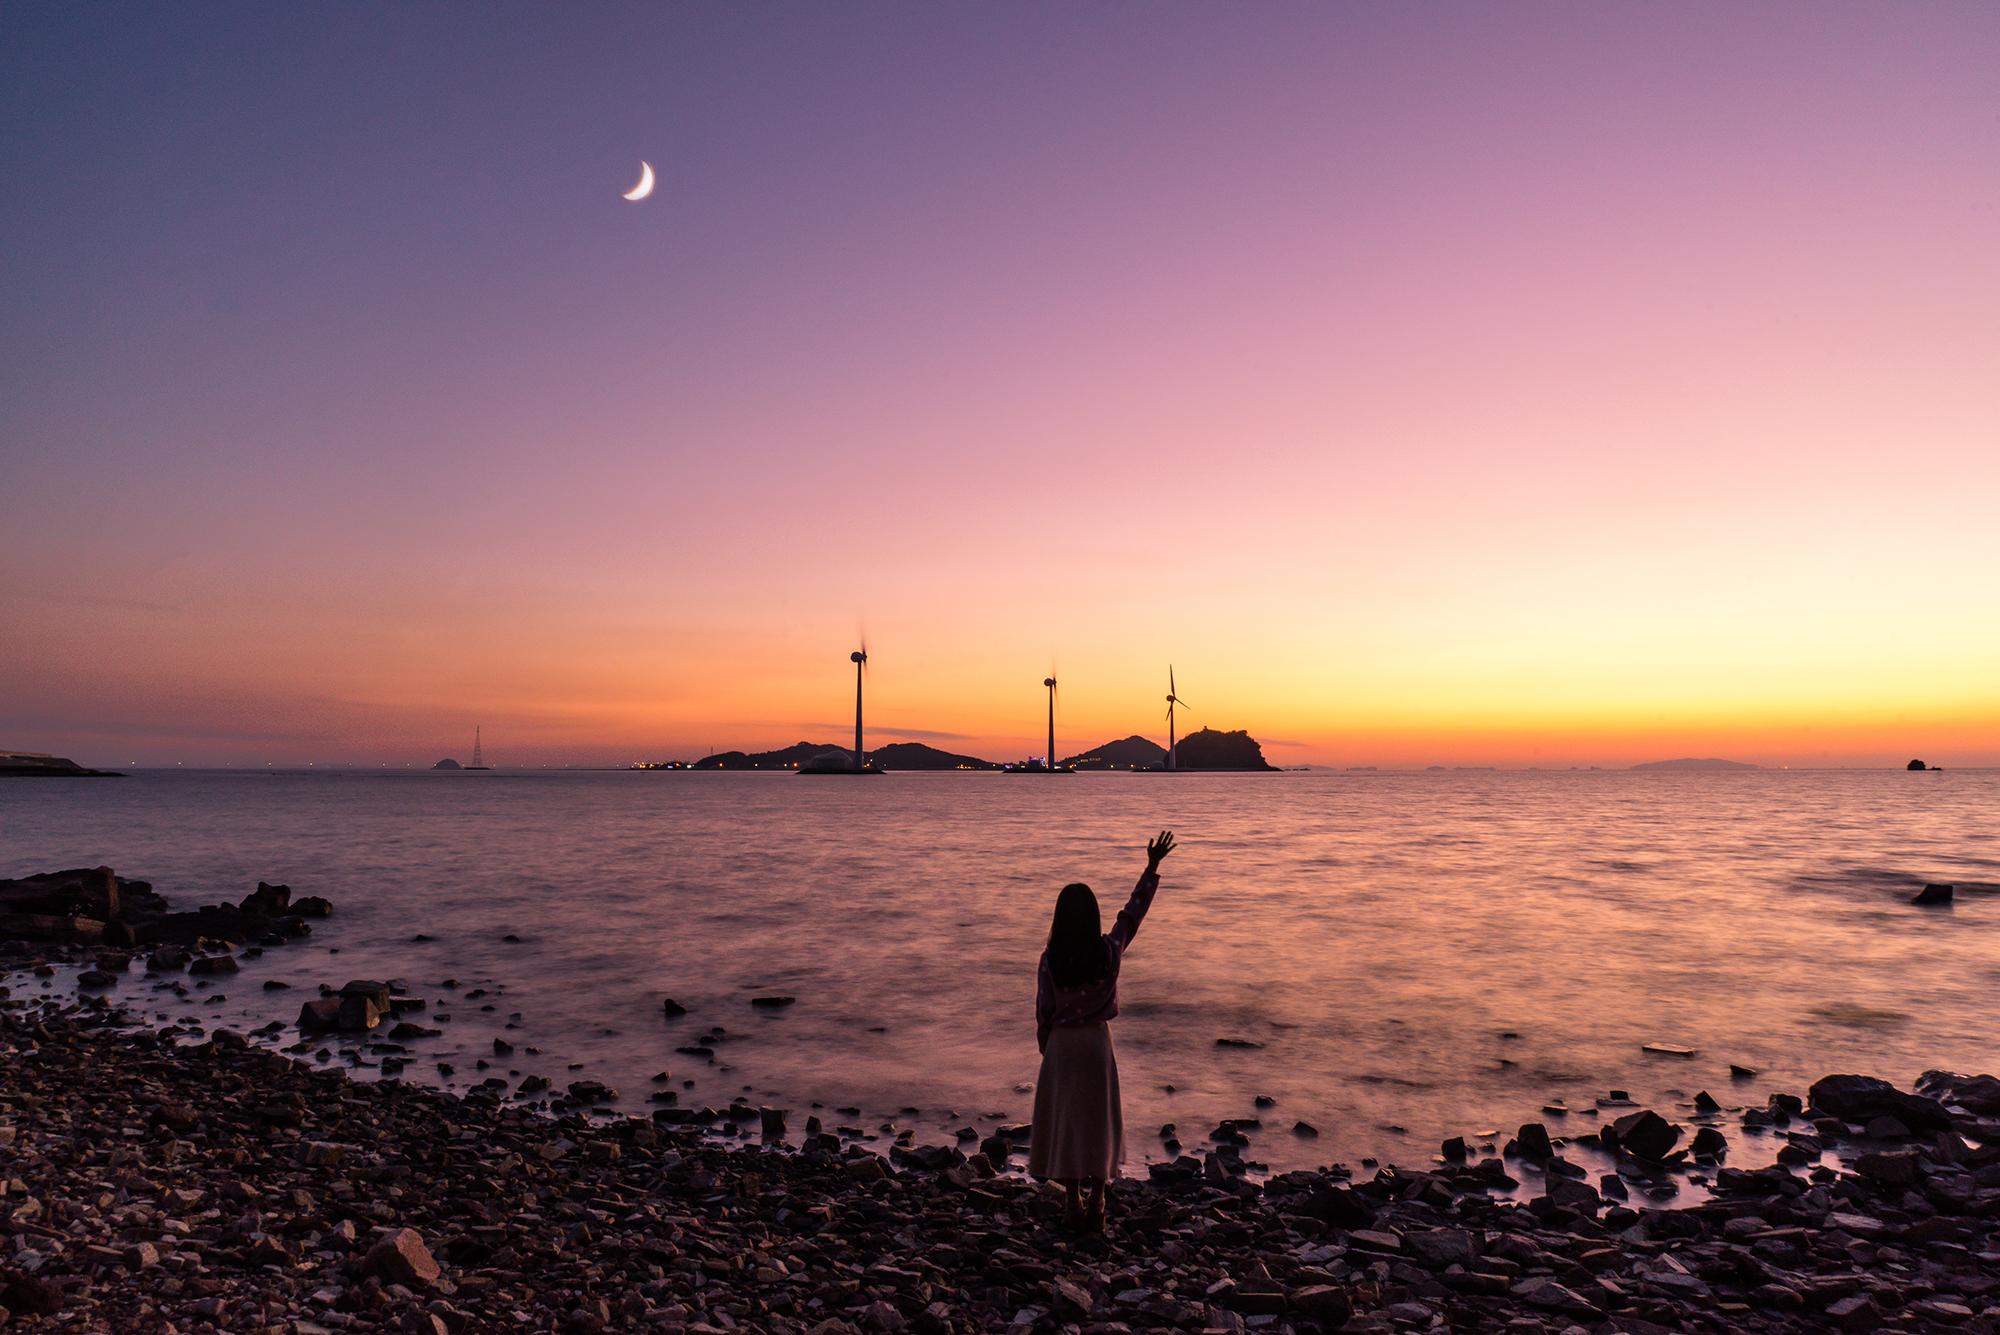 한국에서 낙조가 가장 아름다운 바다로 꼽히는 경기도 안산 대부도. [사진 한국관광공사]